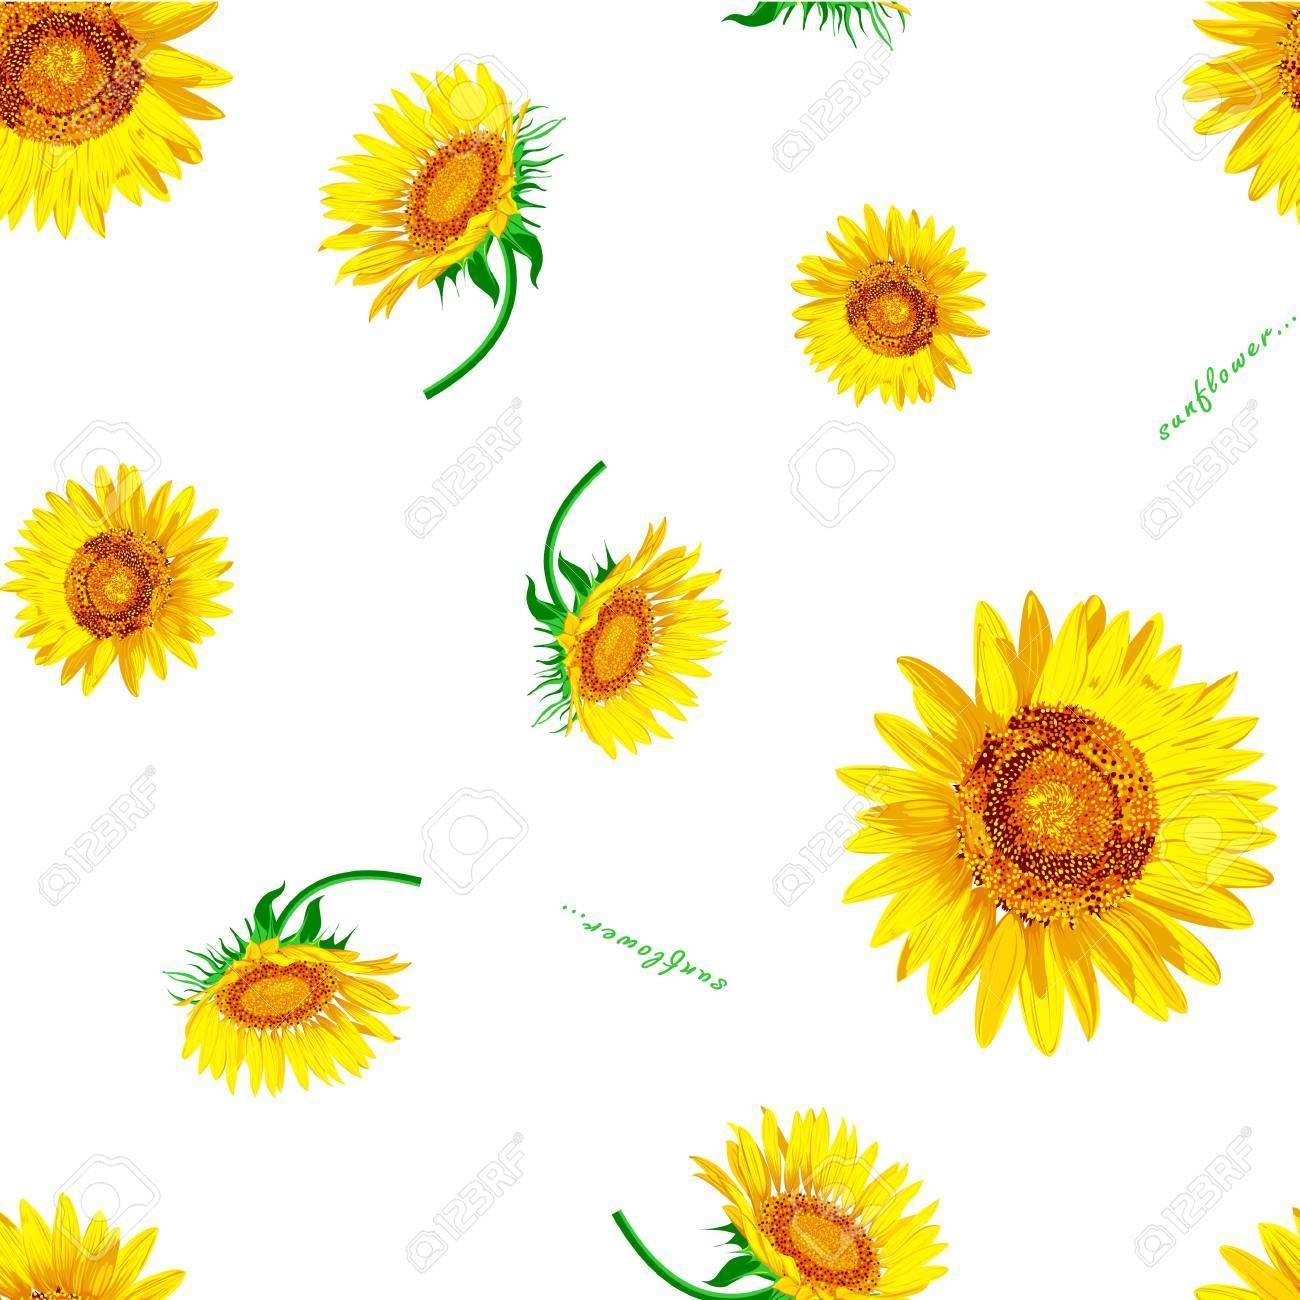 Sun flower Vector on the white background Stock Vector - 12756399